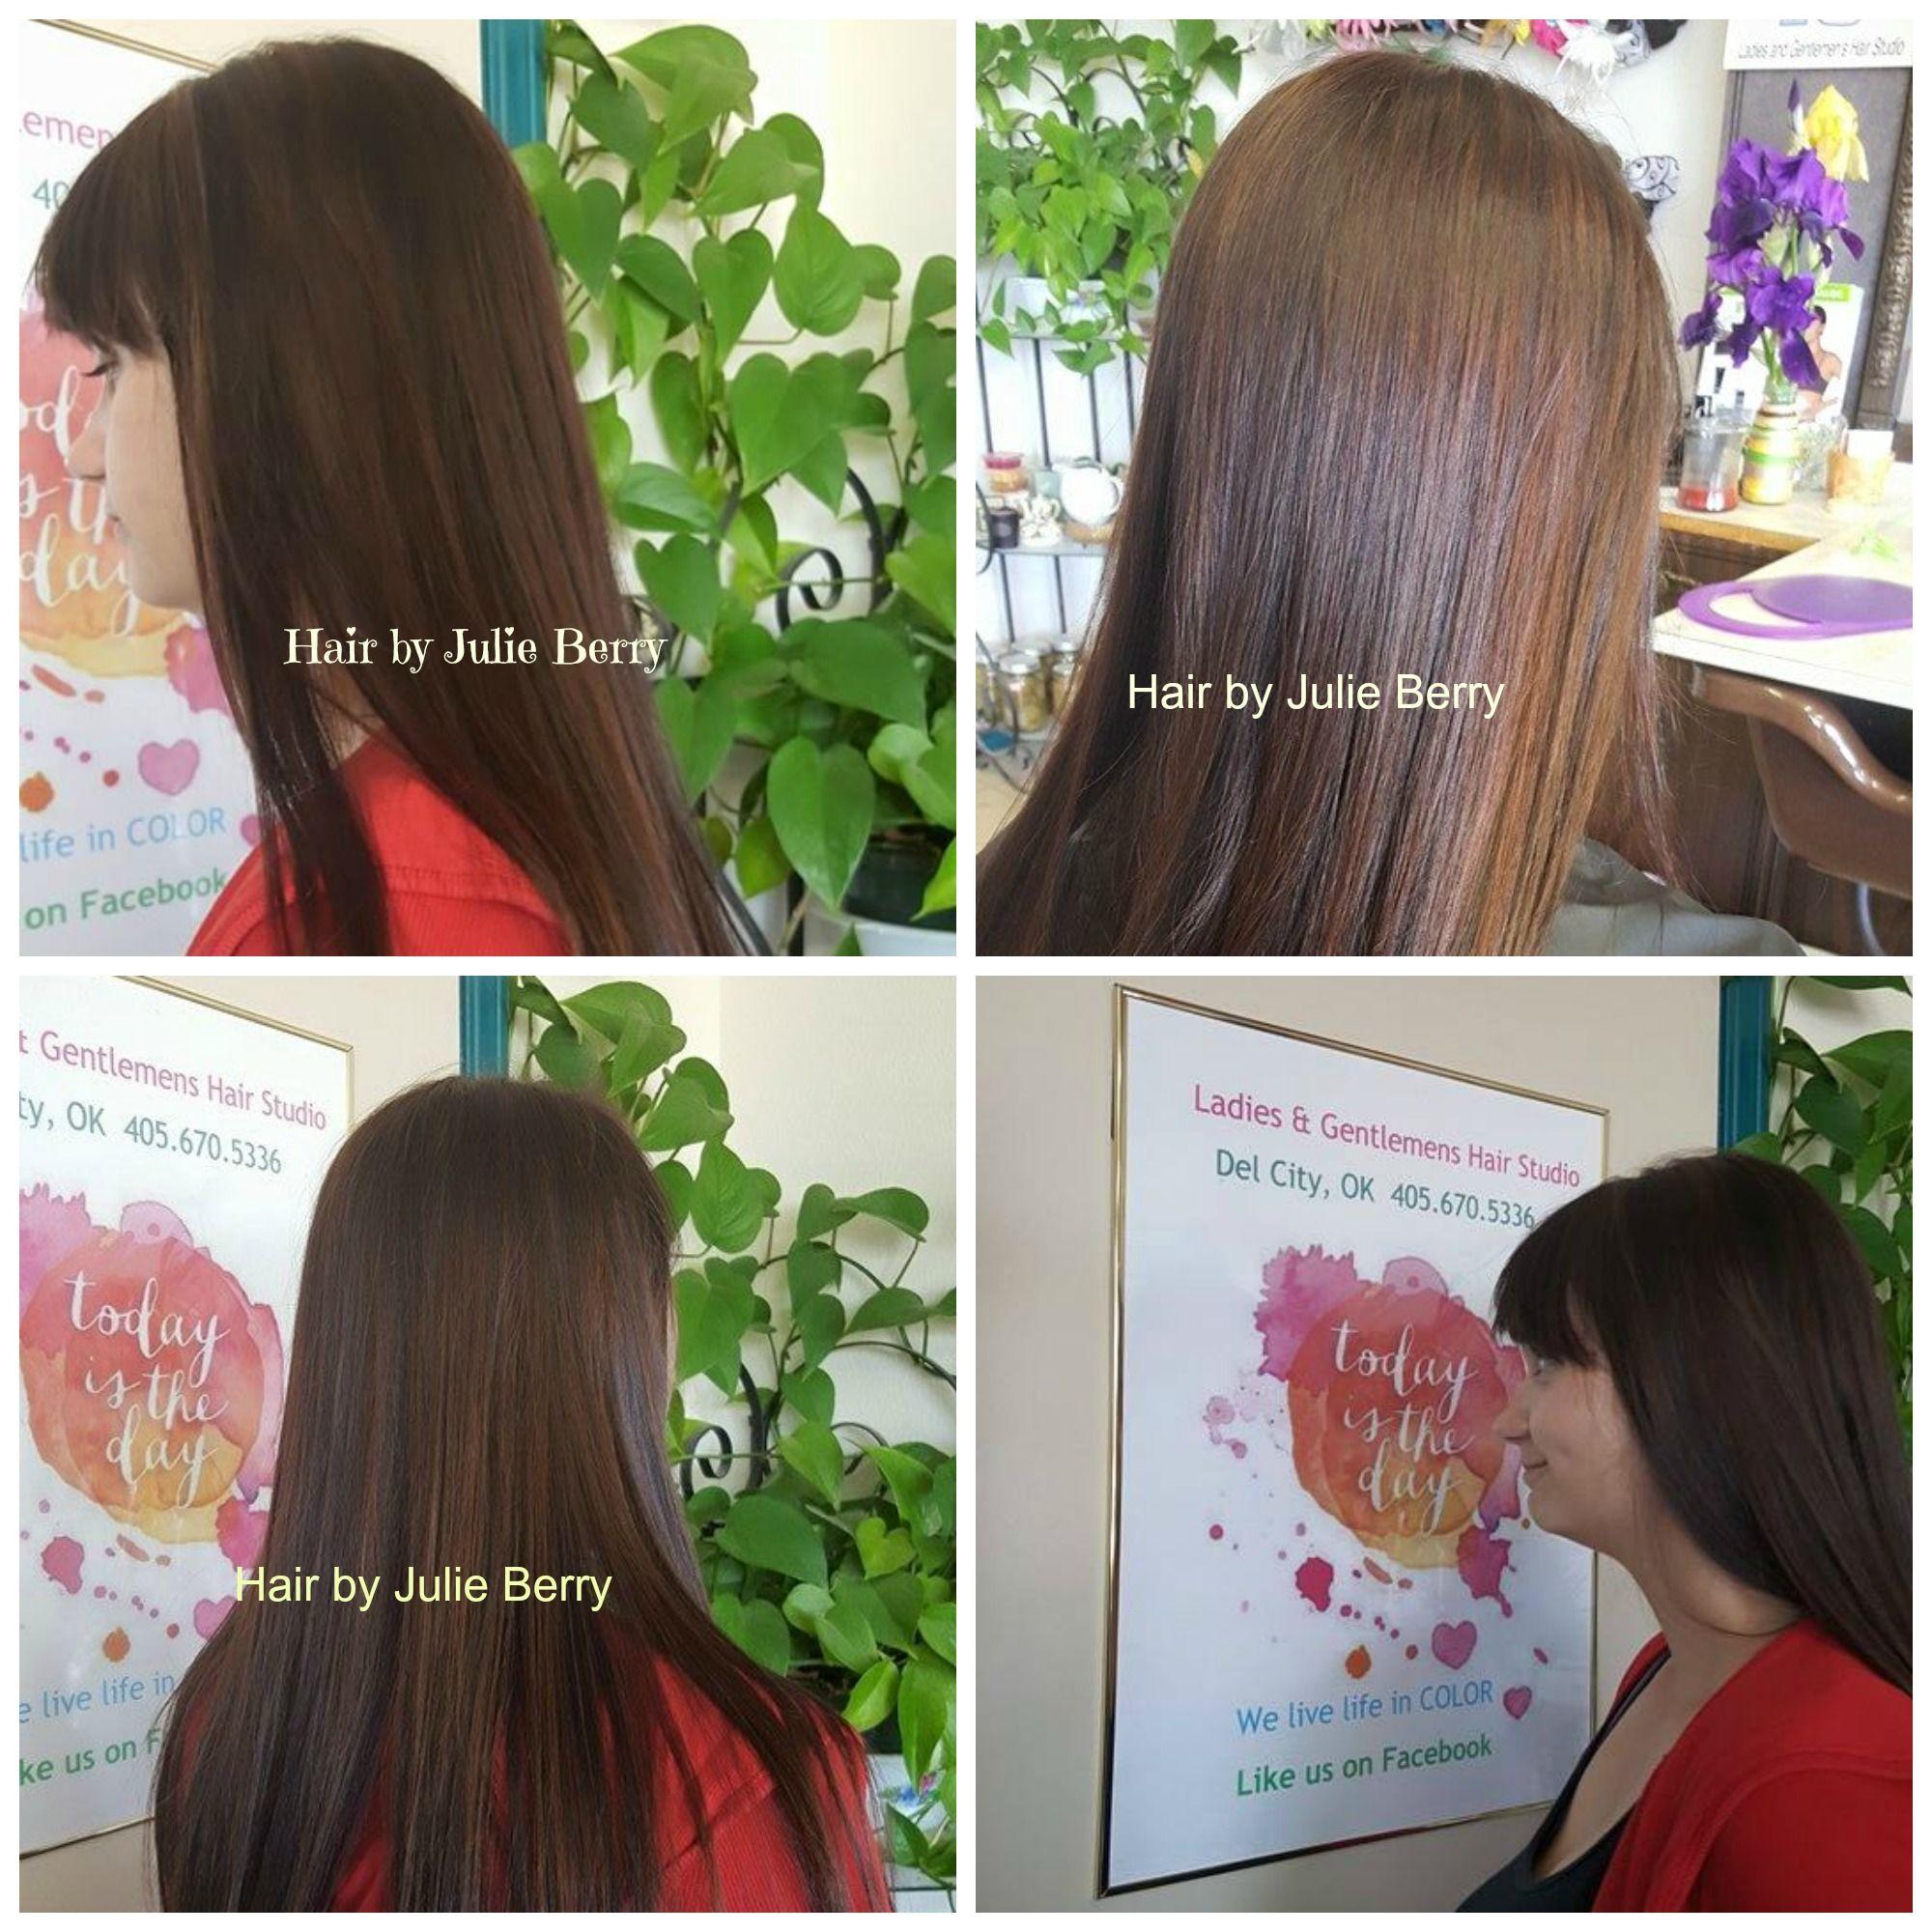 Pin By Ladies Gentlemens Hair Stud On Ladies Gentlemens Clientele B A Hair Studio Color Of Life Hair